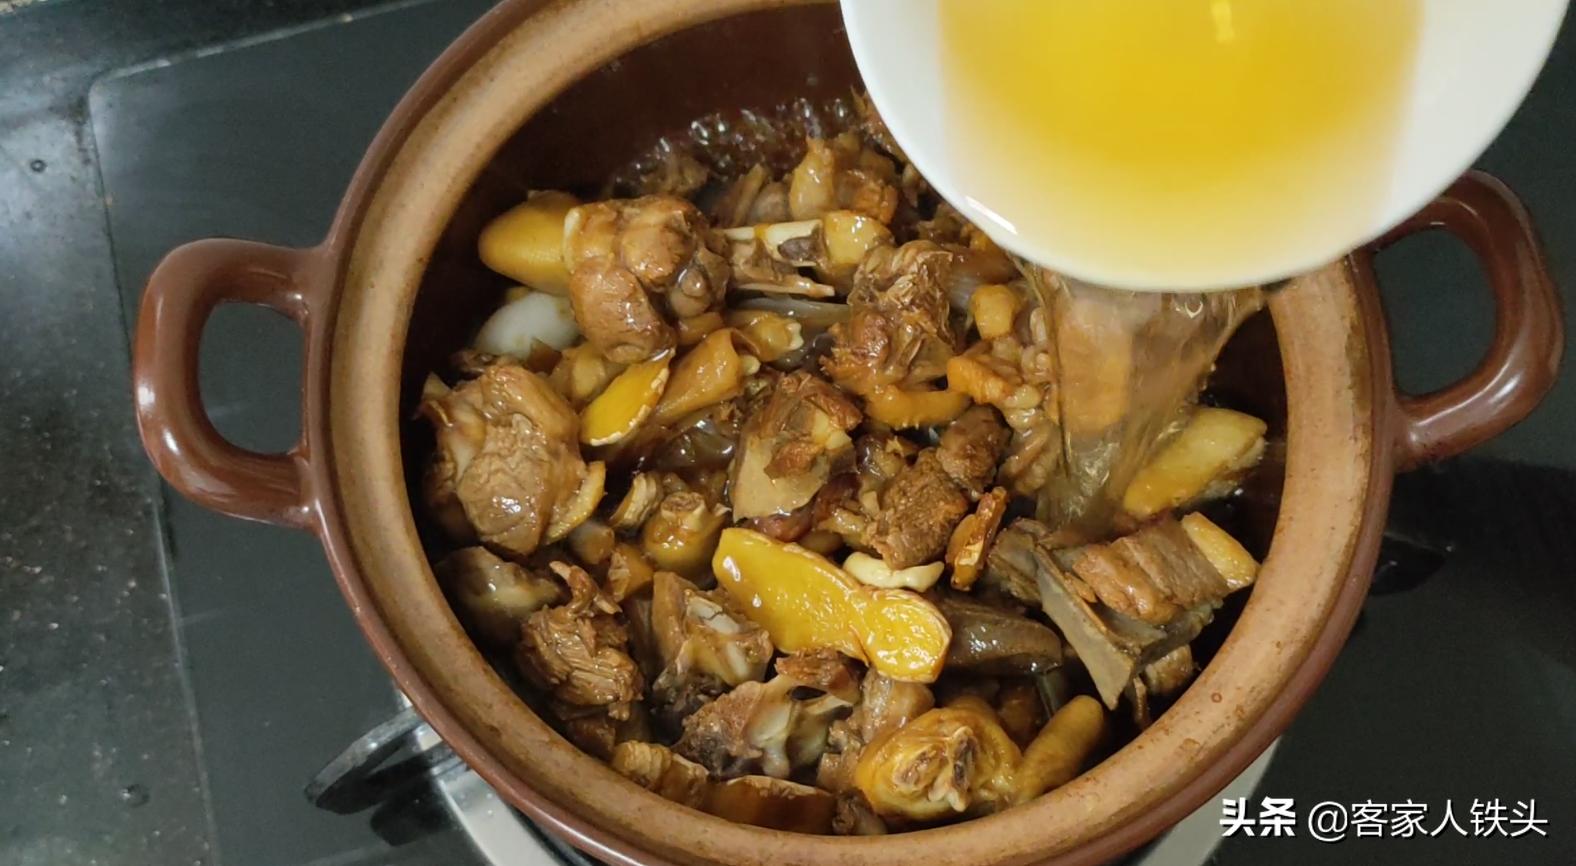 广式麻油鸭,广东人百吃不腻的一道家常菜,喷香不油腻,越吃越爱 美食做法 第6张